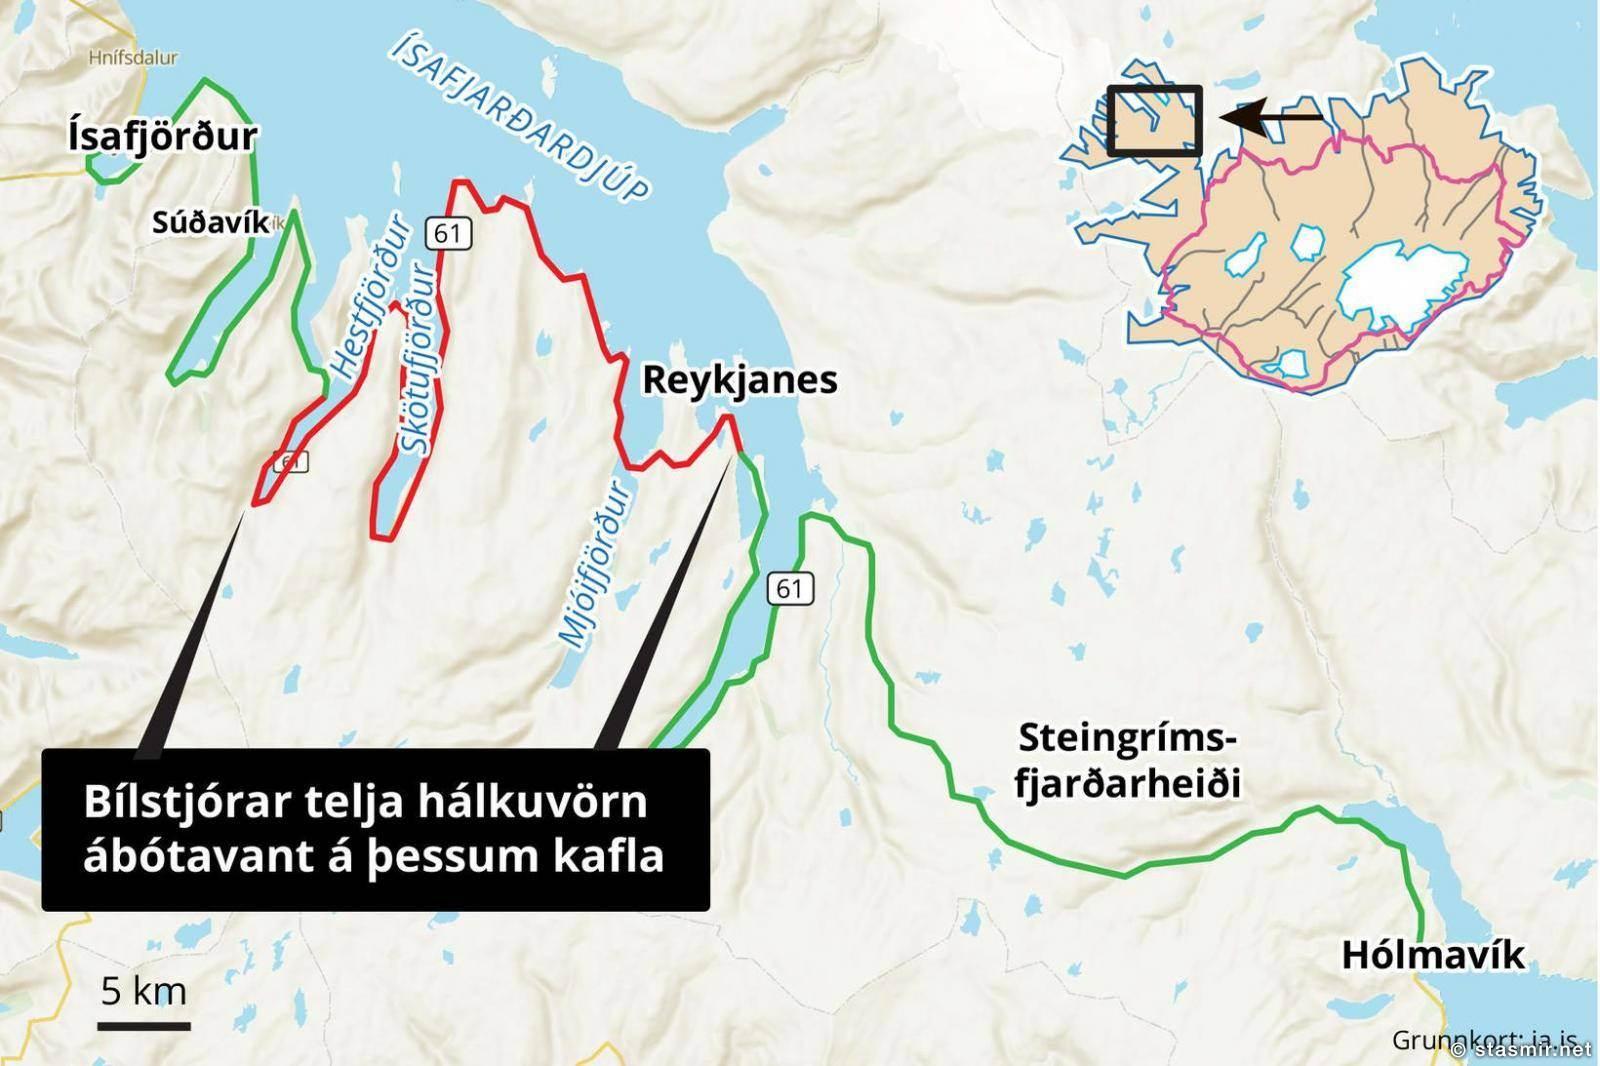 Карта местности: красным - обледенелый участок. Фото из Mbl.is